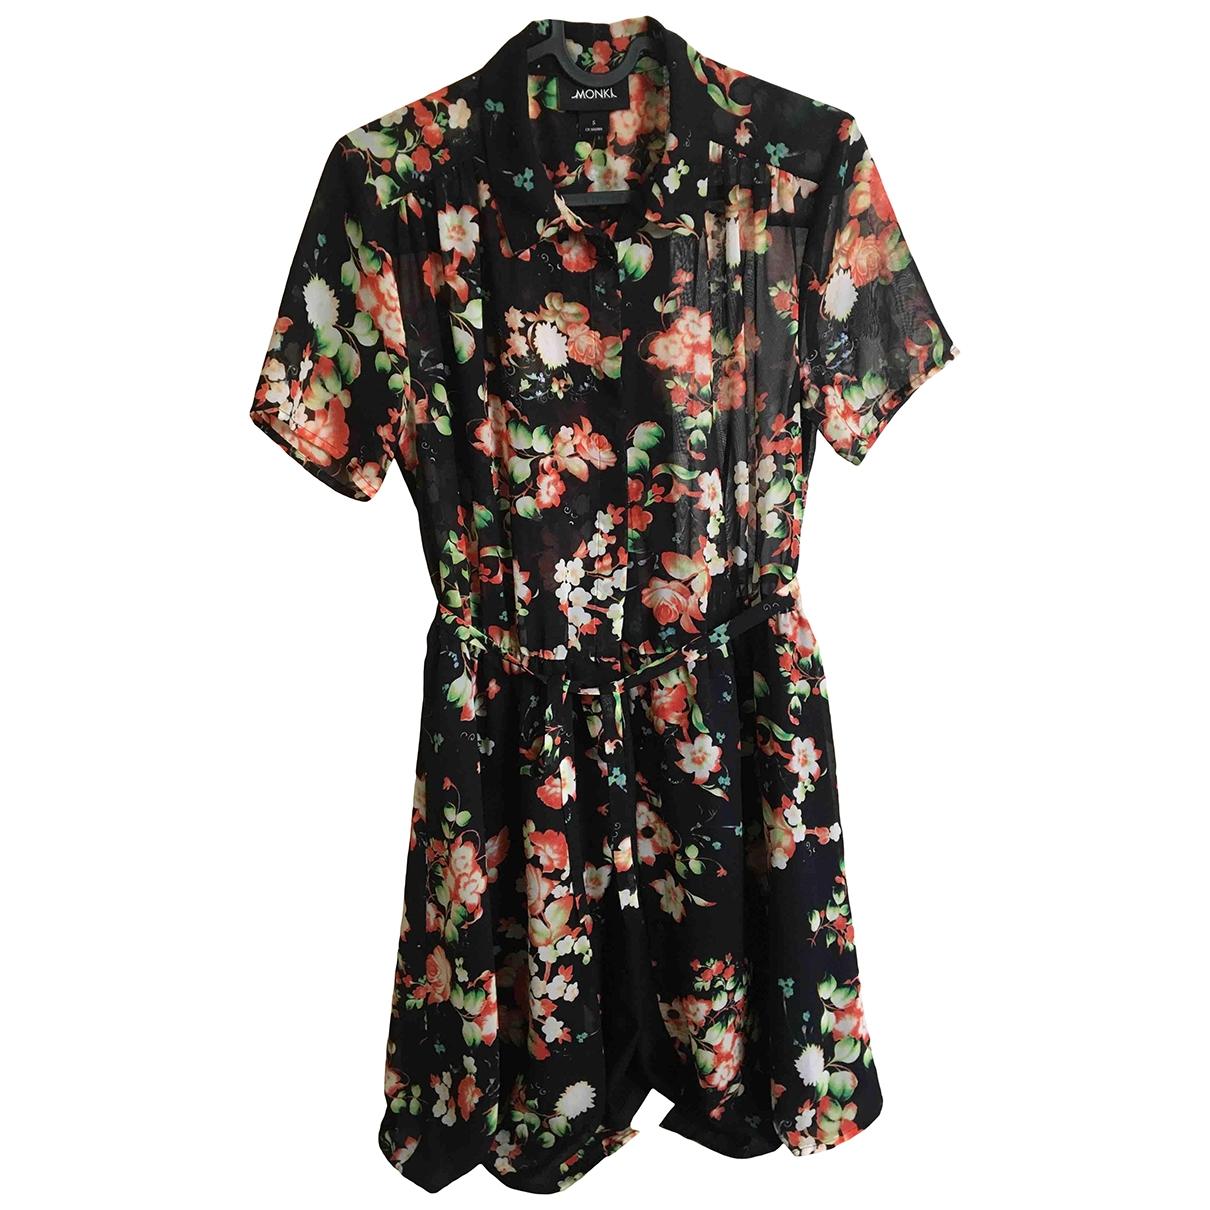 Monki \N Kleid in  Schwarz Polyester